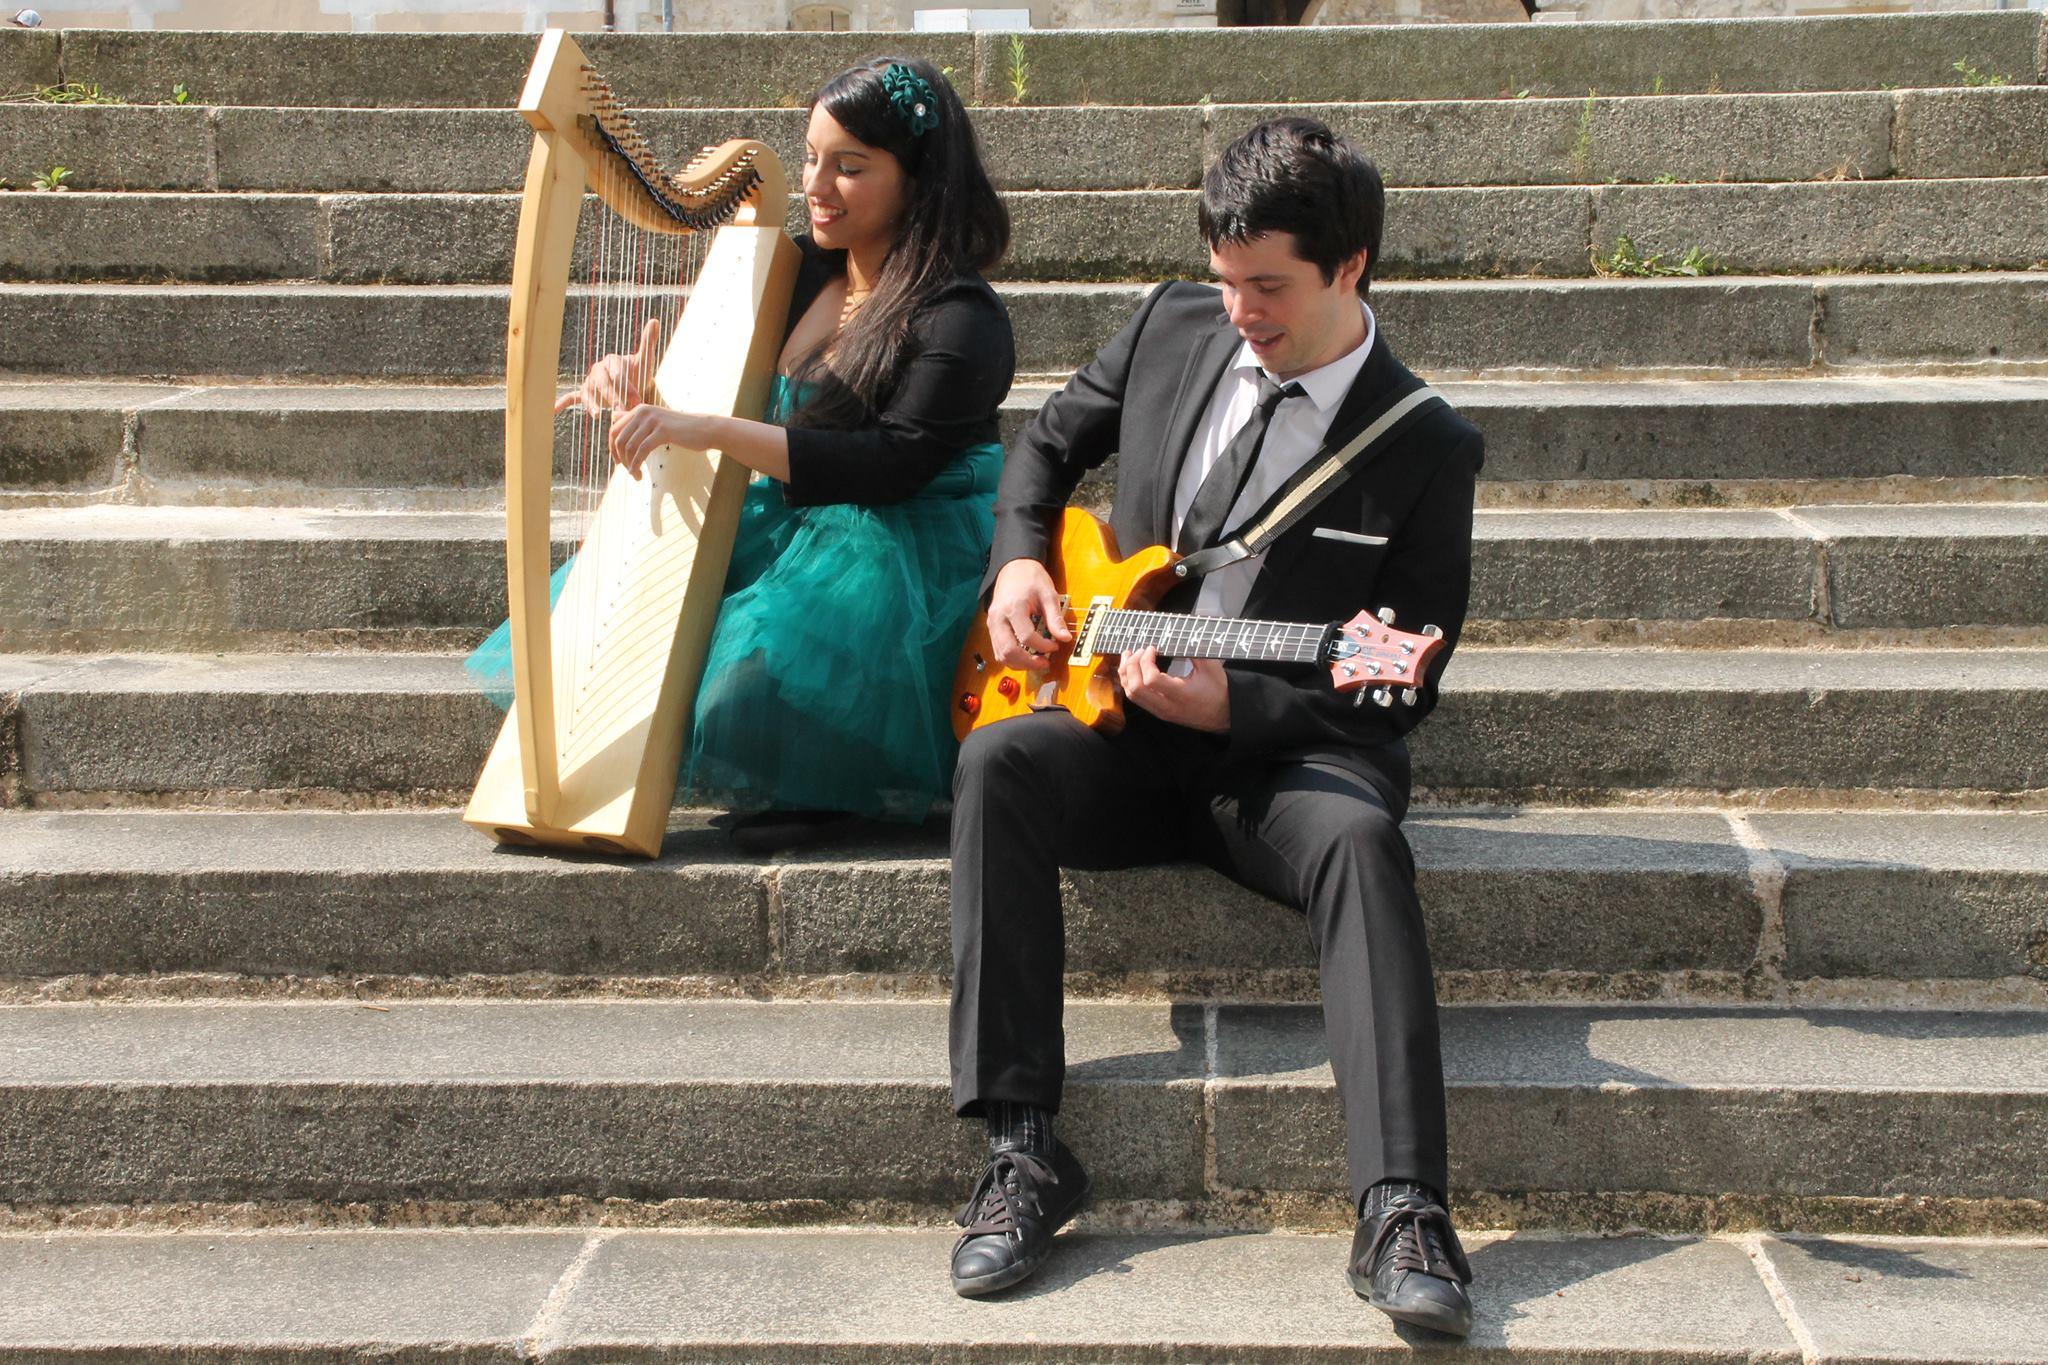 Harp and weddings (Musiciens cérémonie laïque)